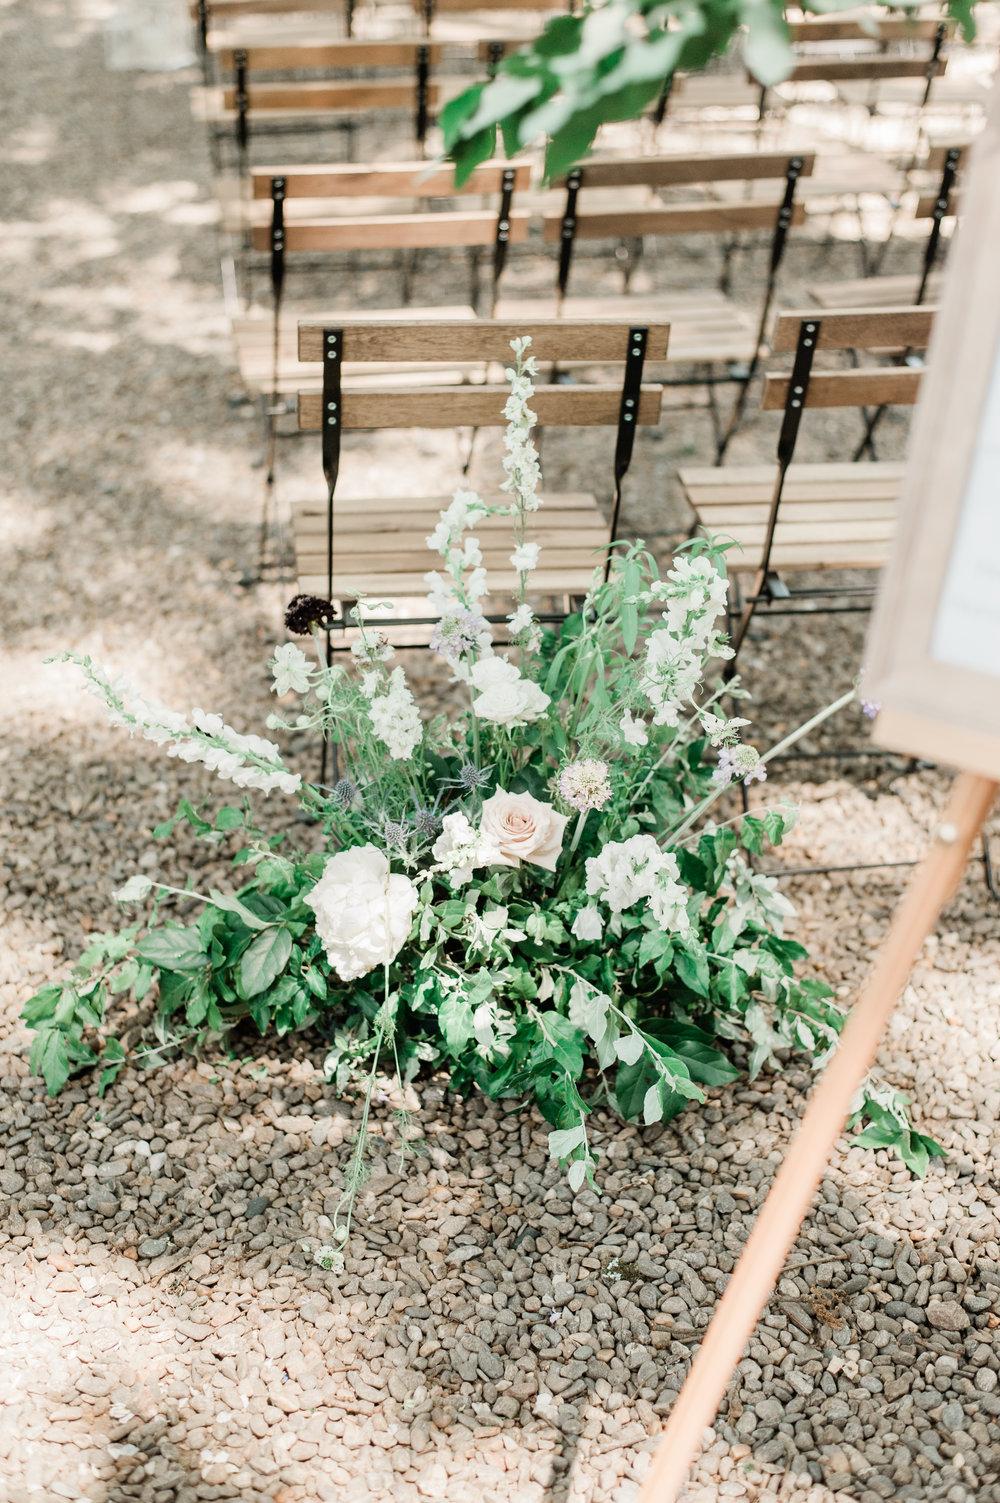 PhotographybyAngelaTucker-WhiteheadManorWedding-Tara&Matt-Ceremony0012.jpg